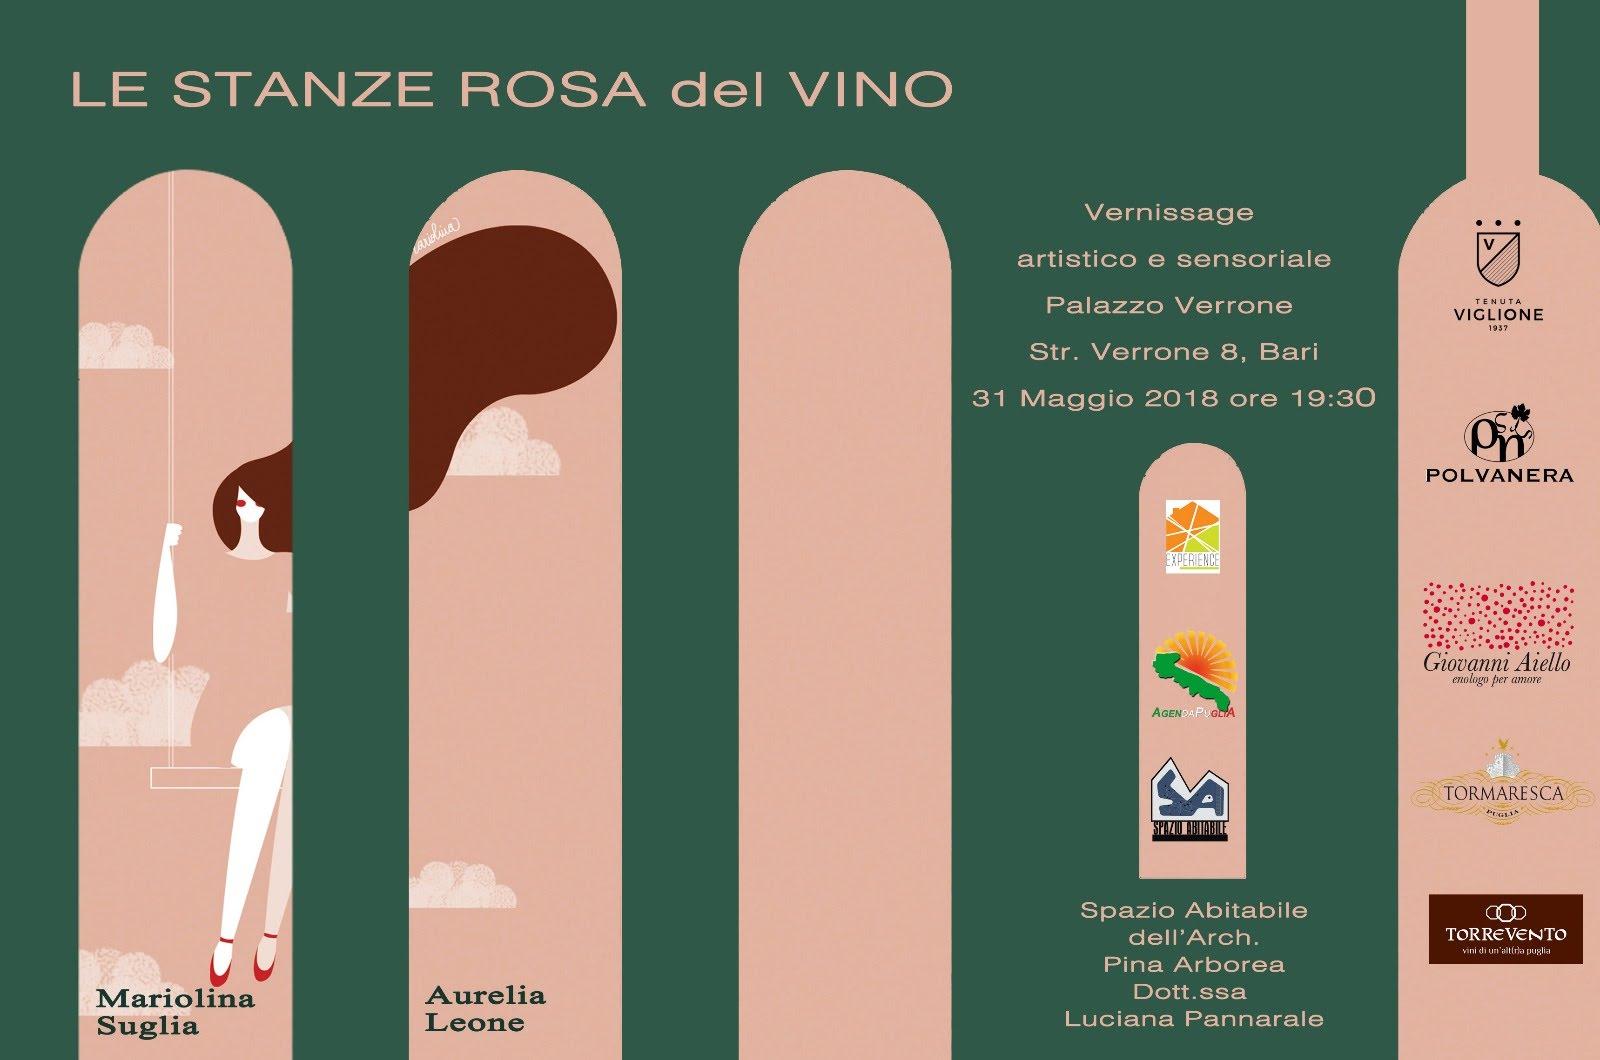 Le stanze rosa del vino